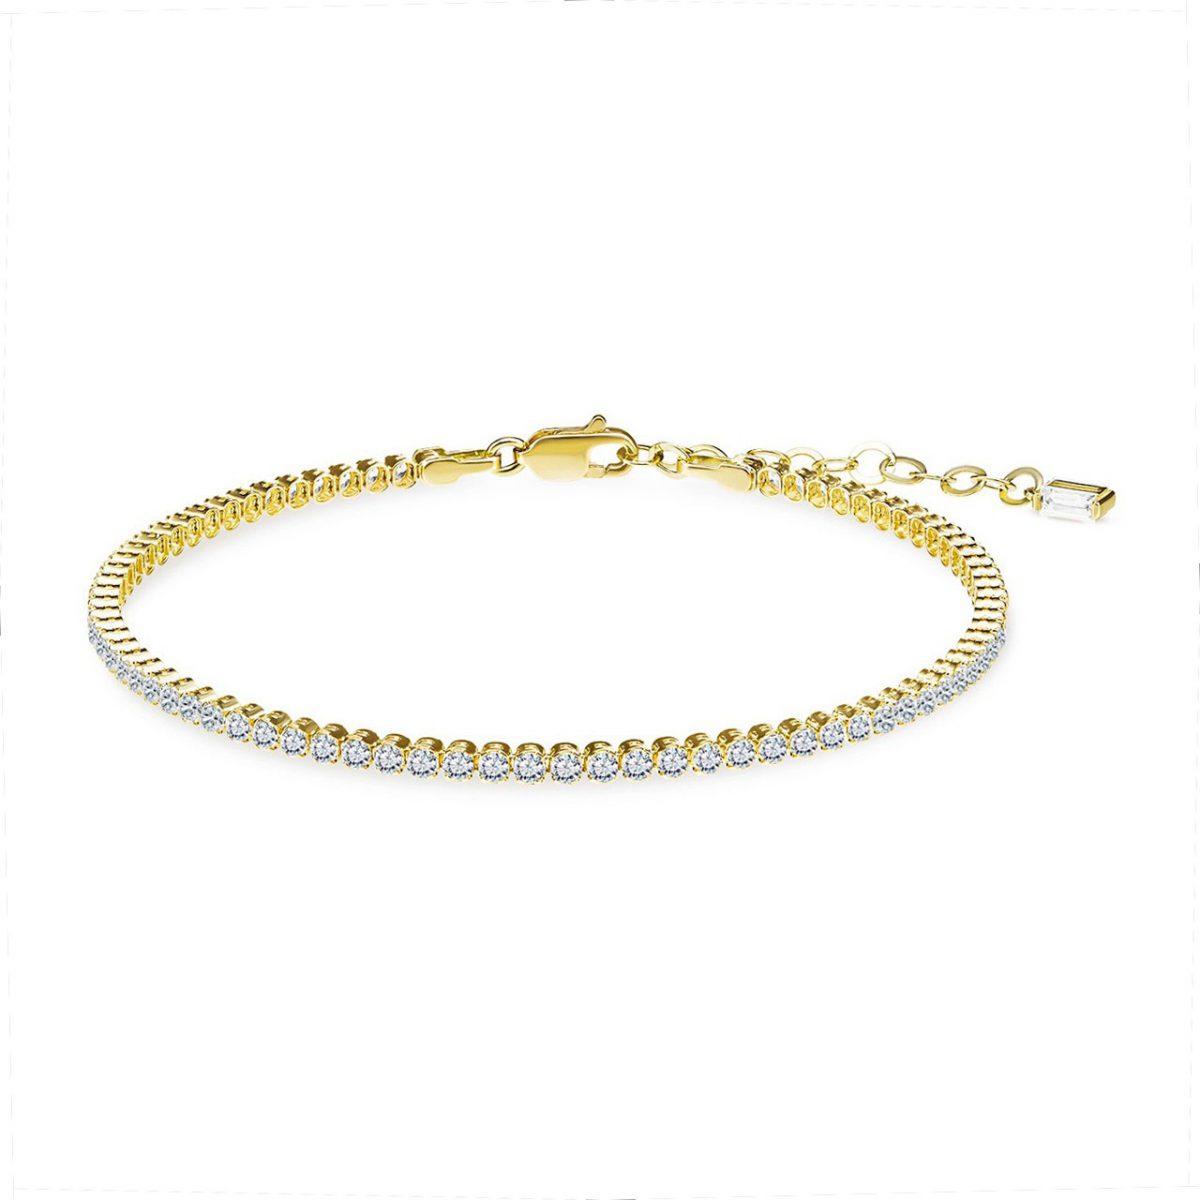 צמיד טניס - ונוס - זהב צהוב